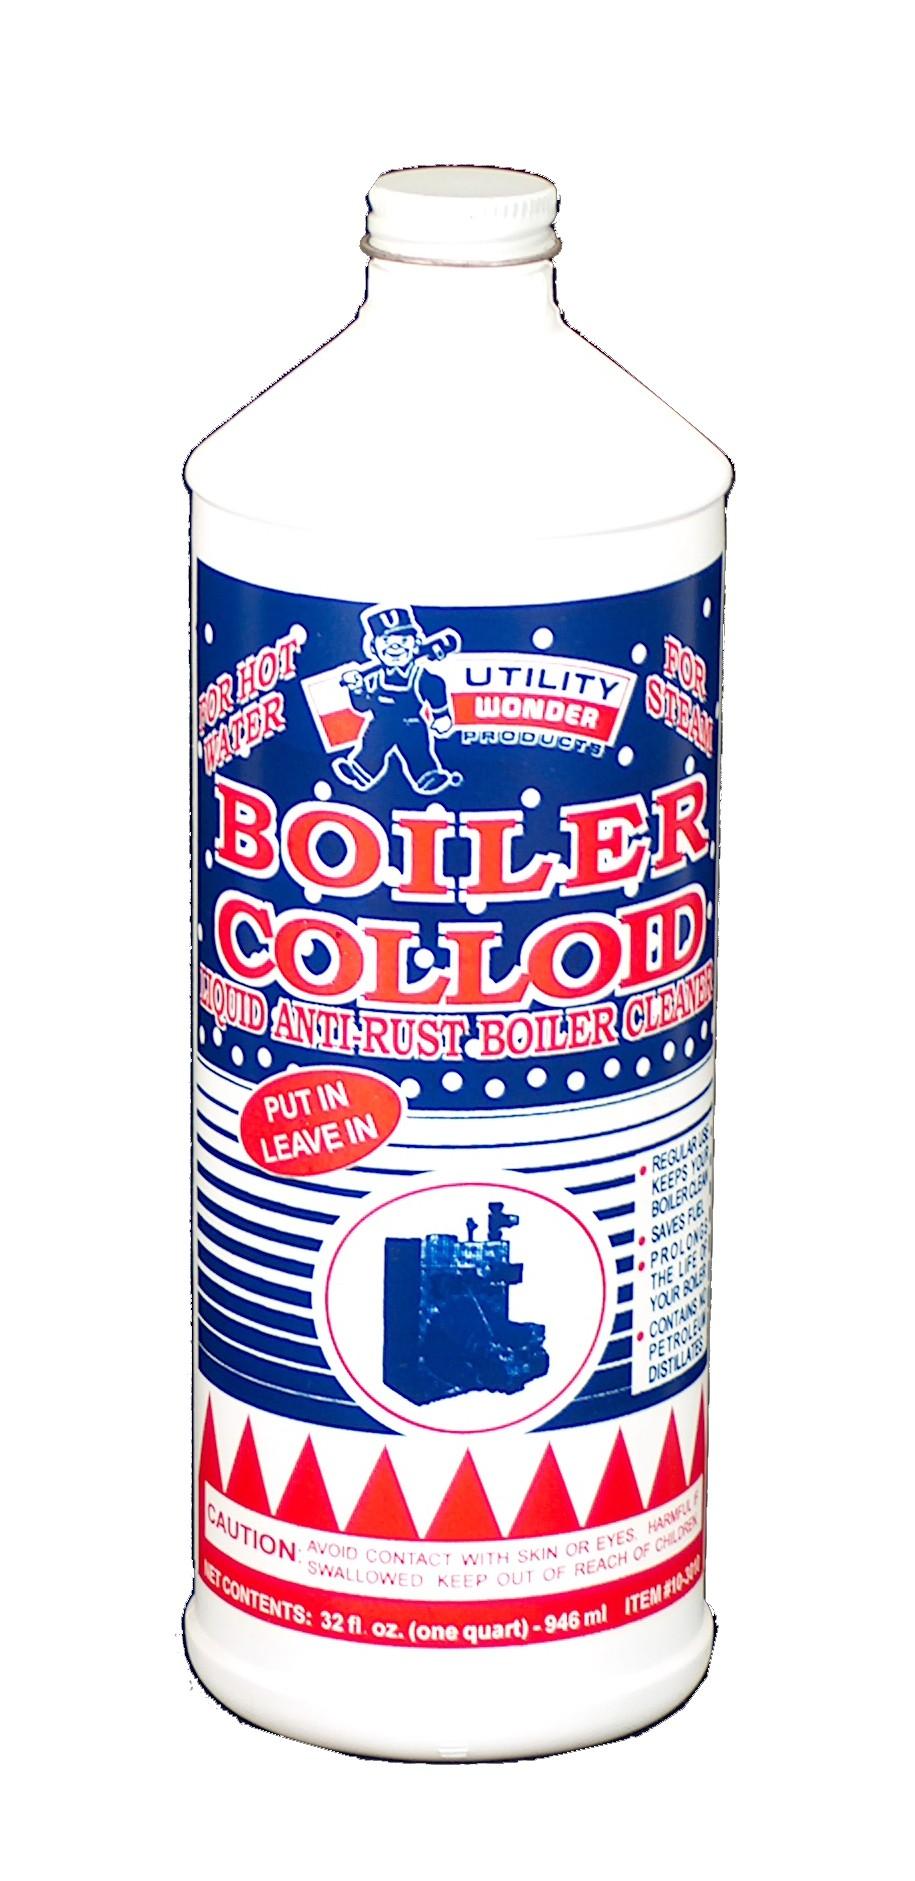 BOILER COLLOID BOILER CLEANER